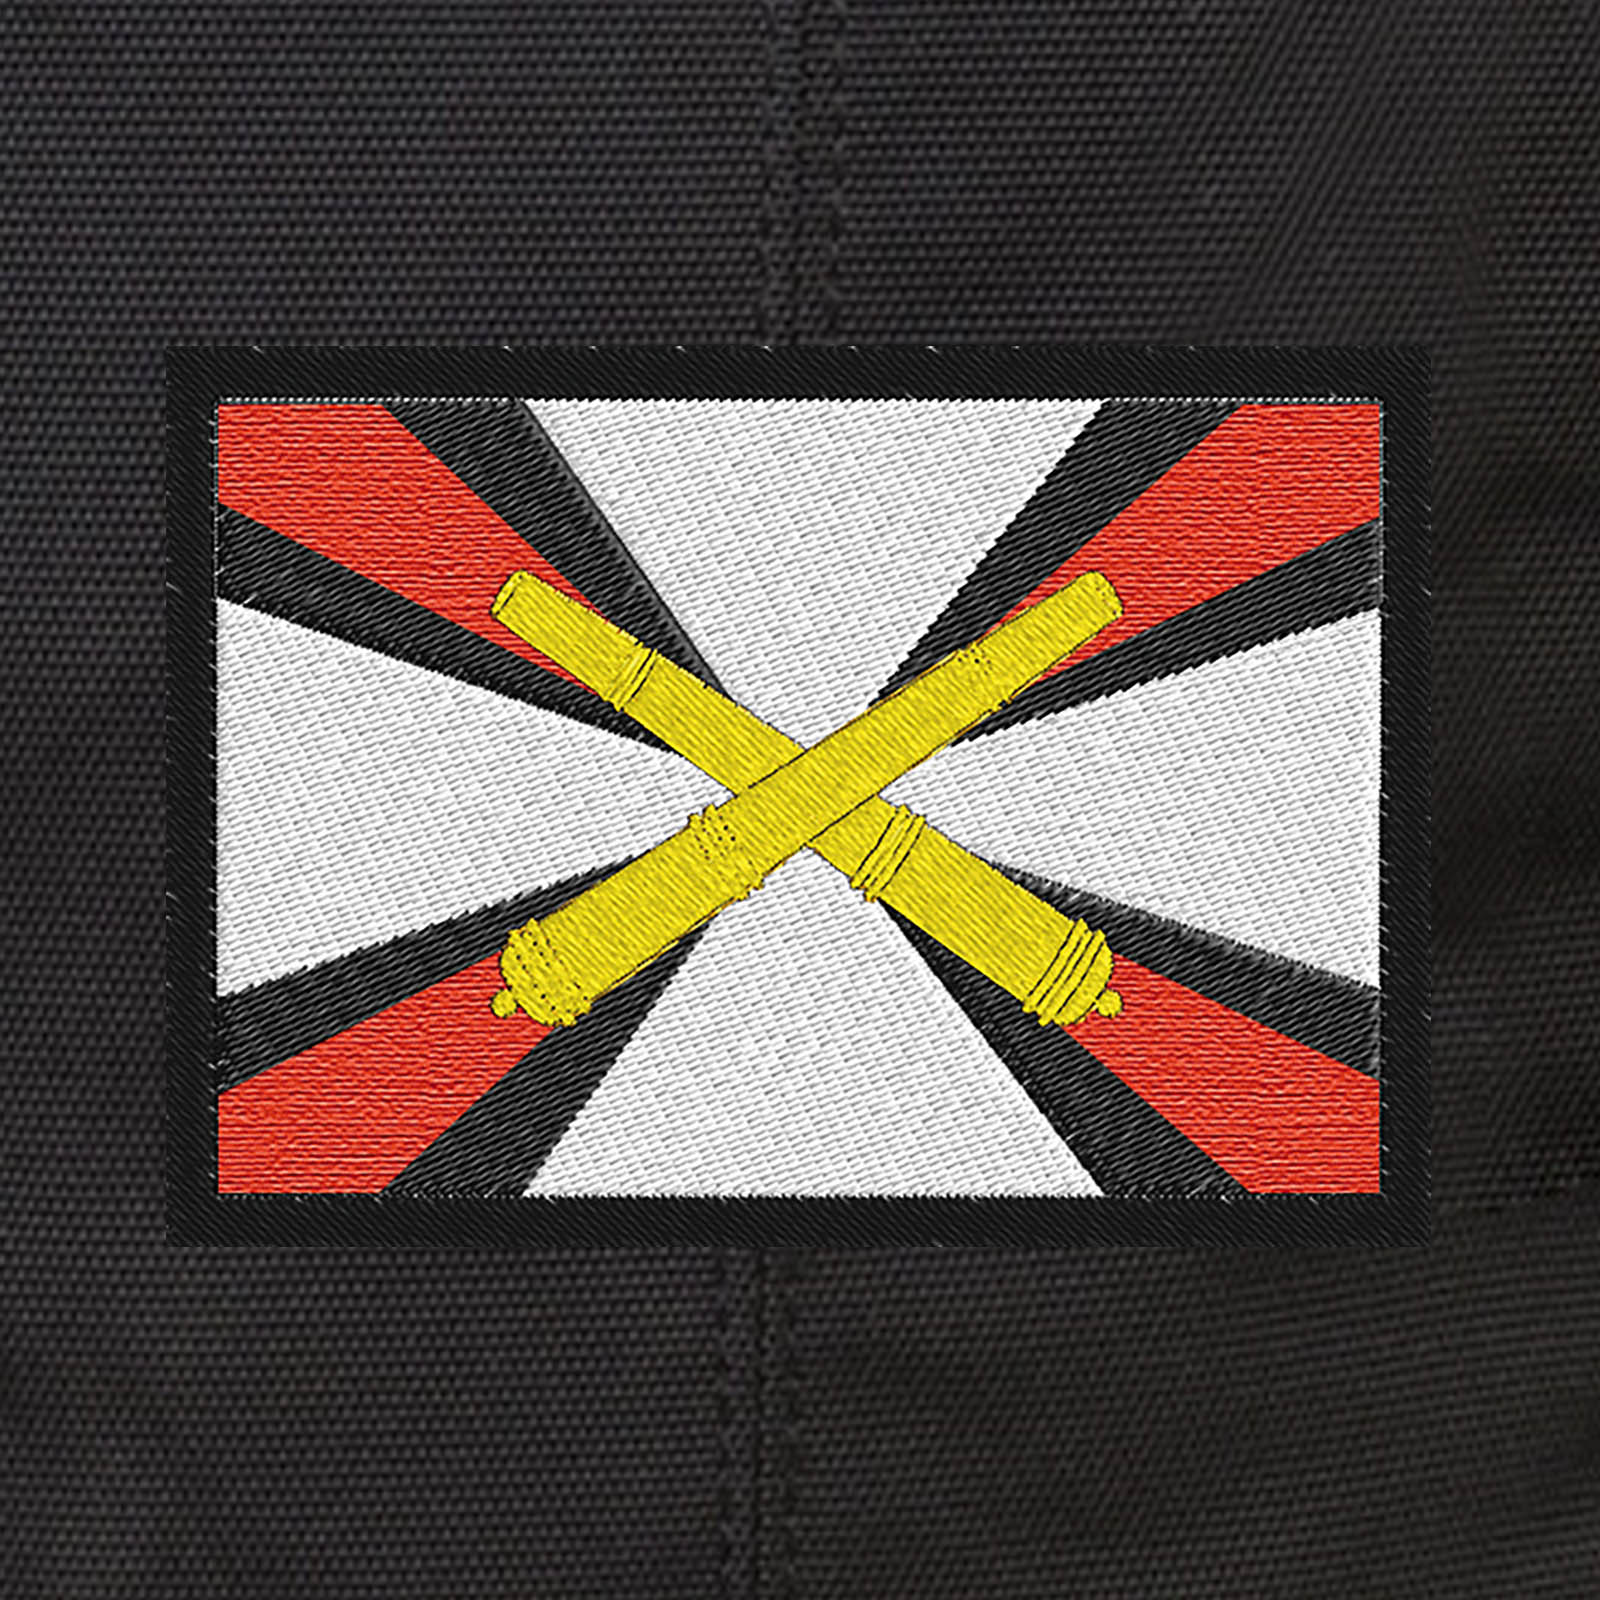 артиллерийский флаг фото бланк предварительной